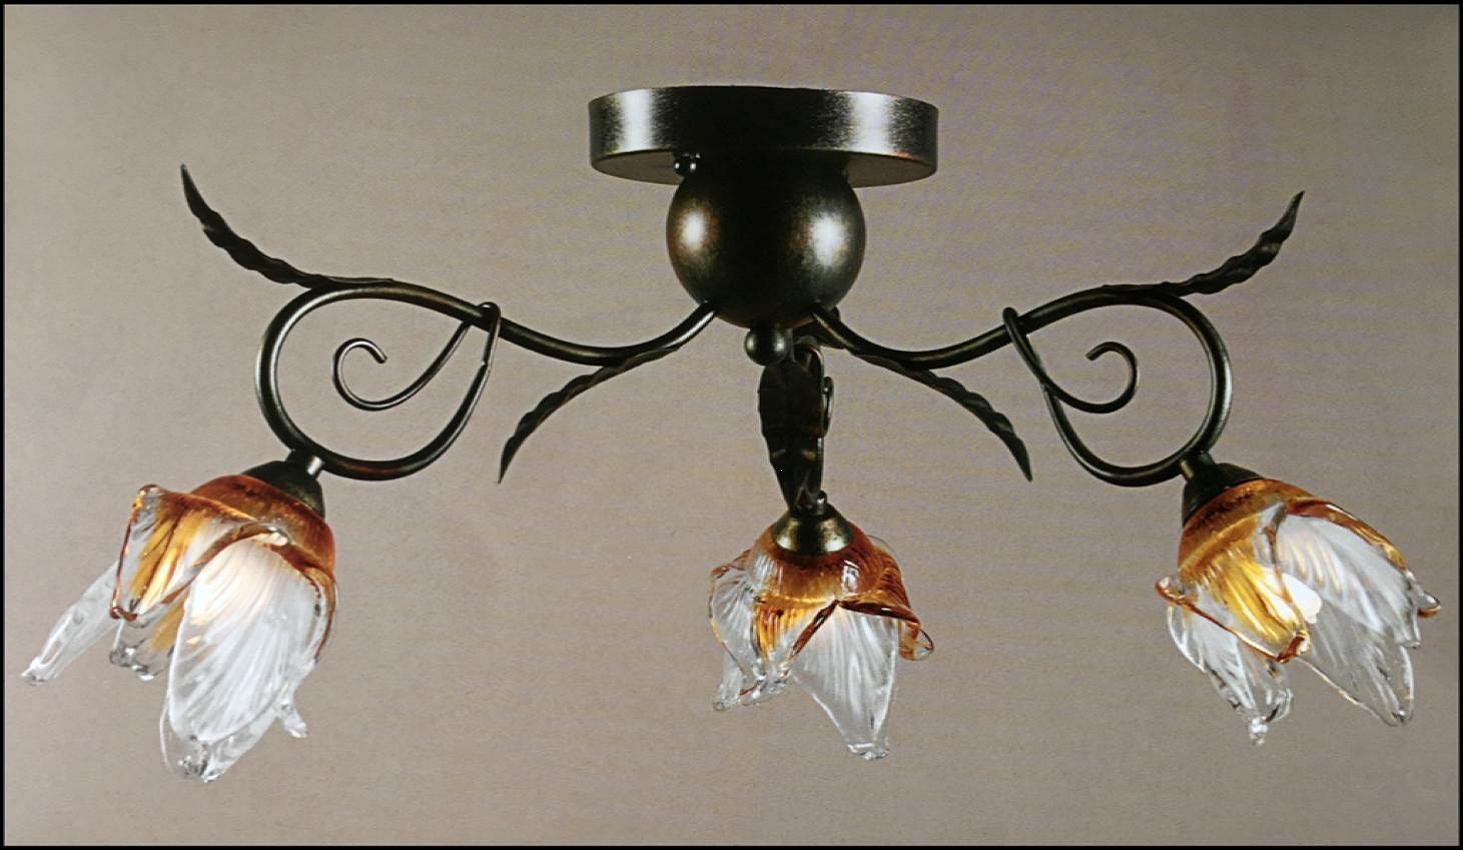 Plafoniere Con Pendenti : Plafoniera anticata luci con fiore vetro soffiato ambra trasparente